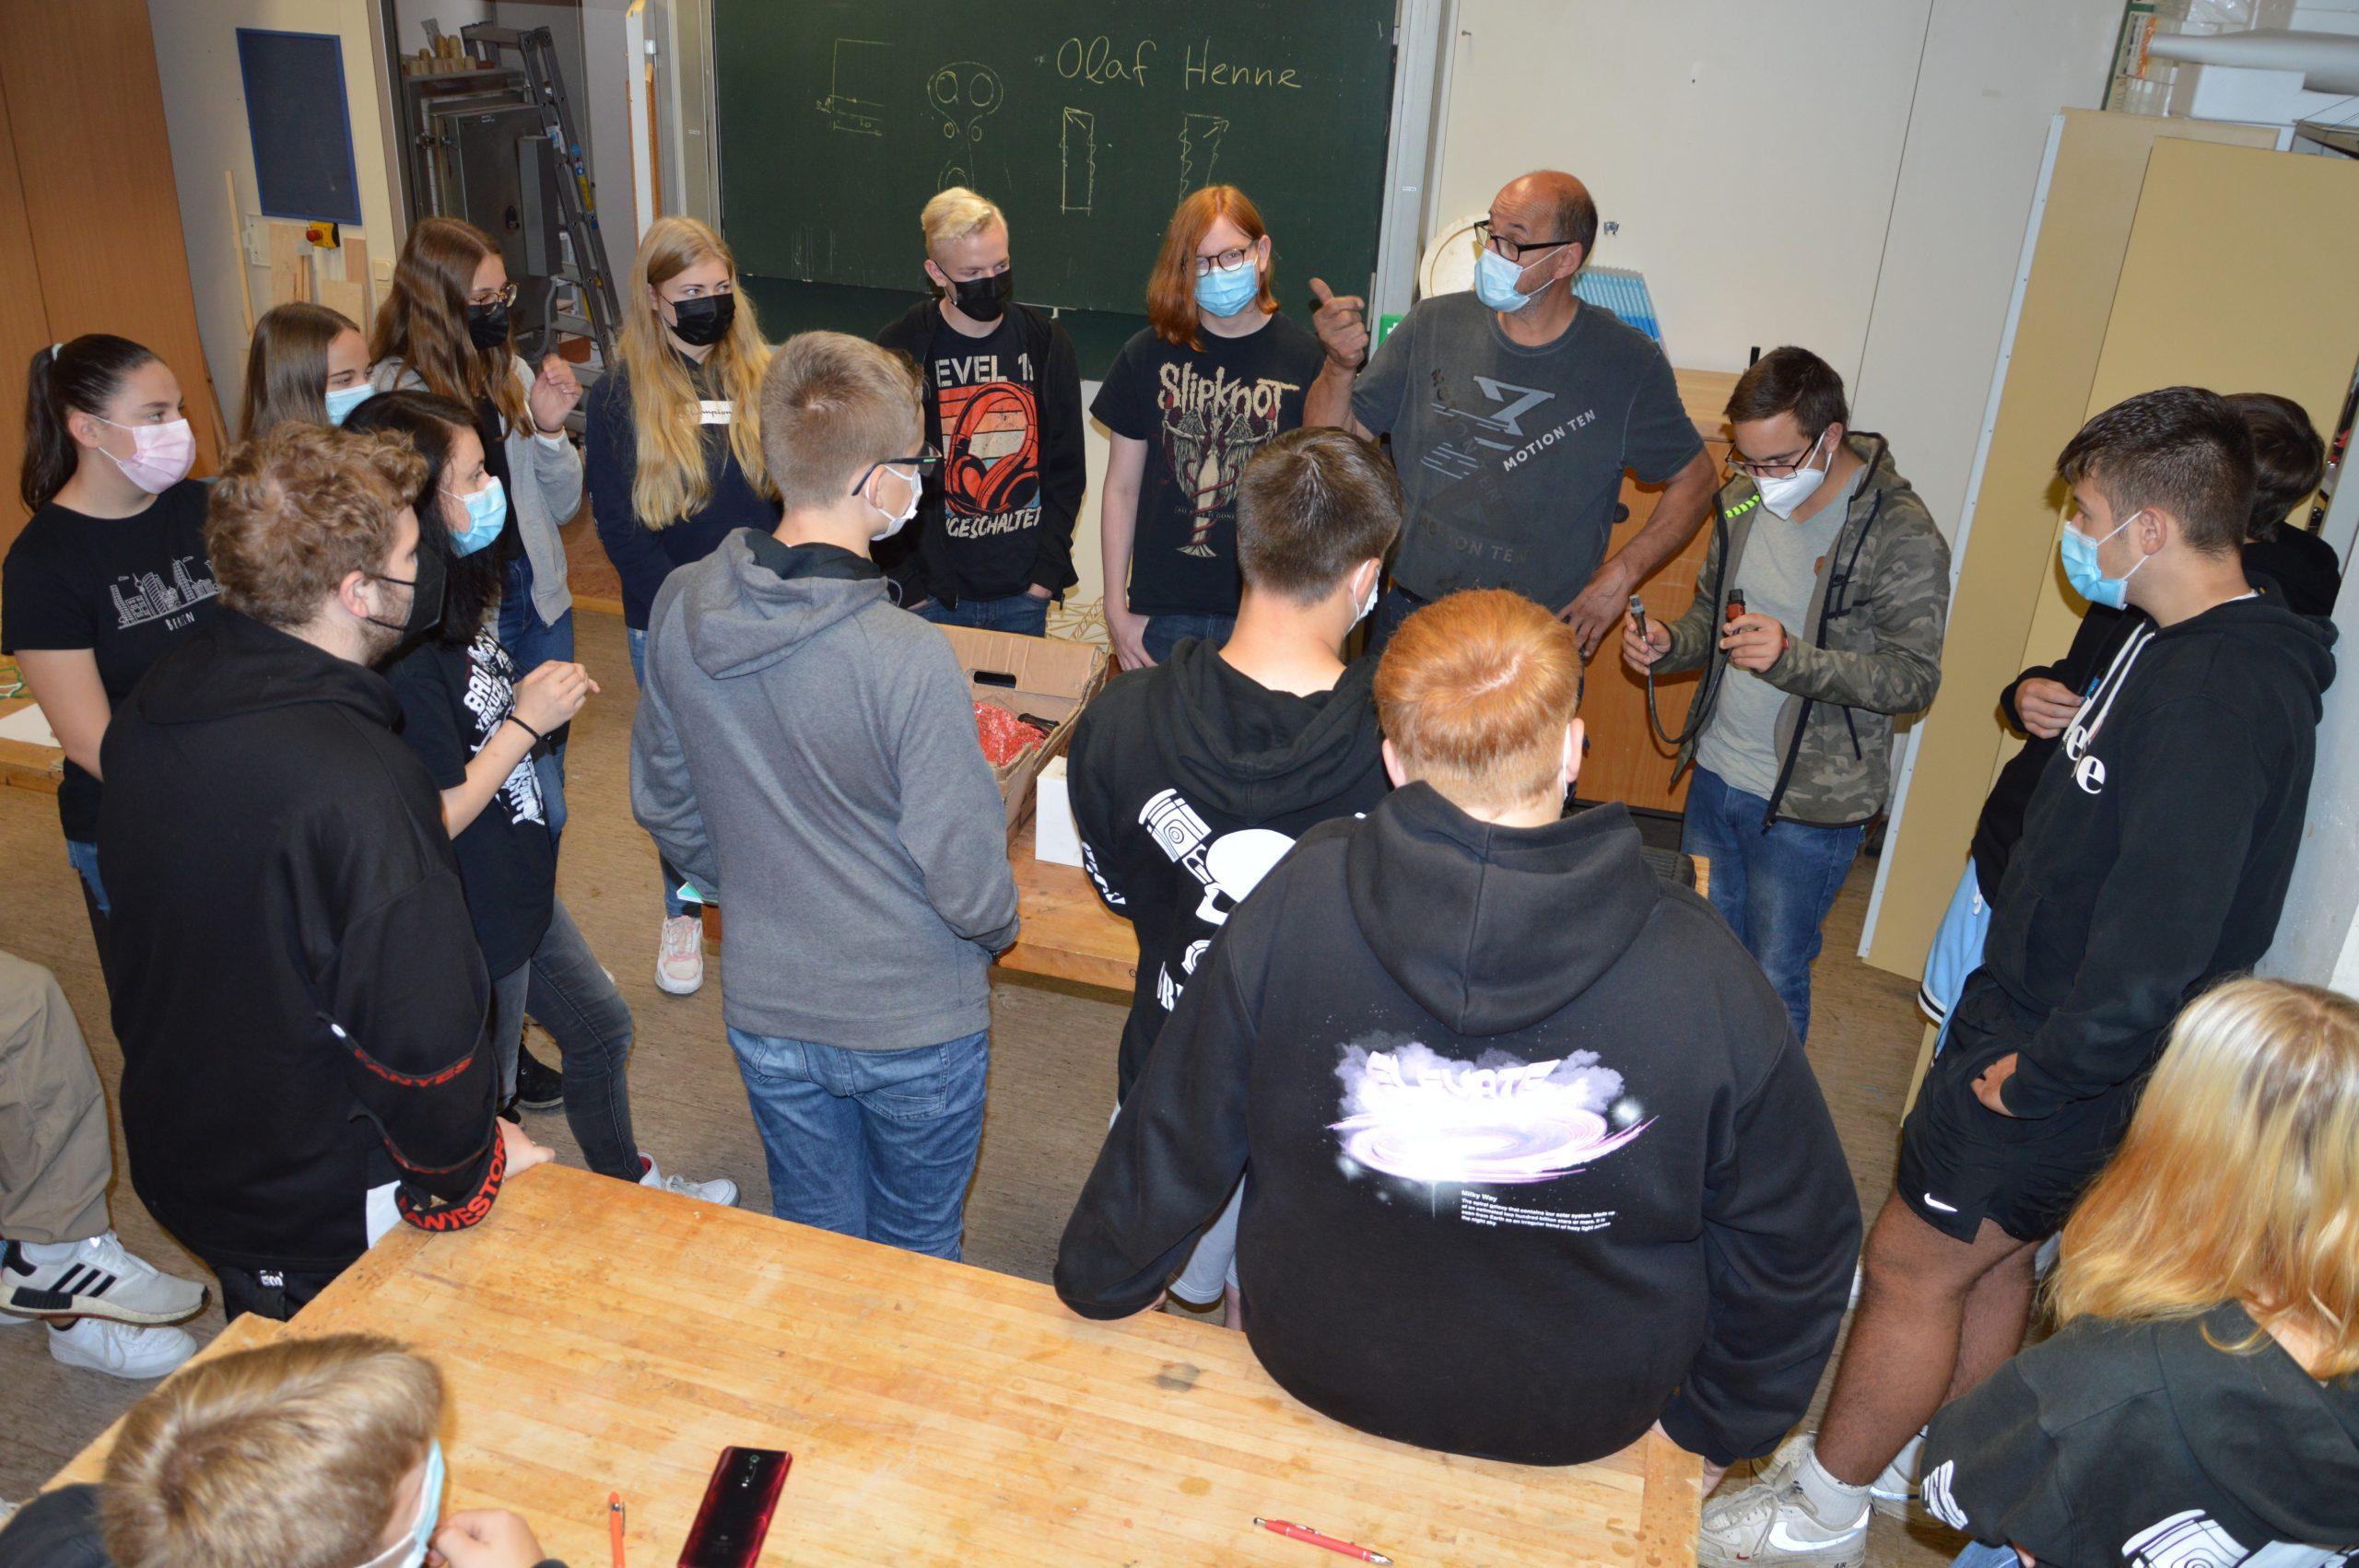 IGS Bdf._Café Beruf_Kfz Meisterbetrieb Olaf Henne_Gieselwerder